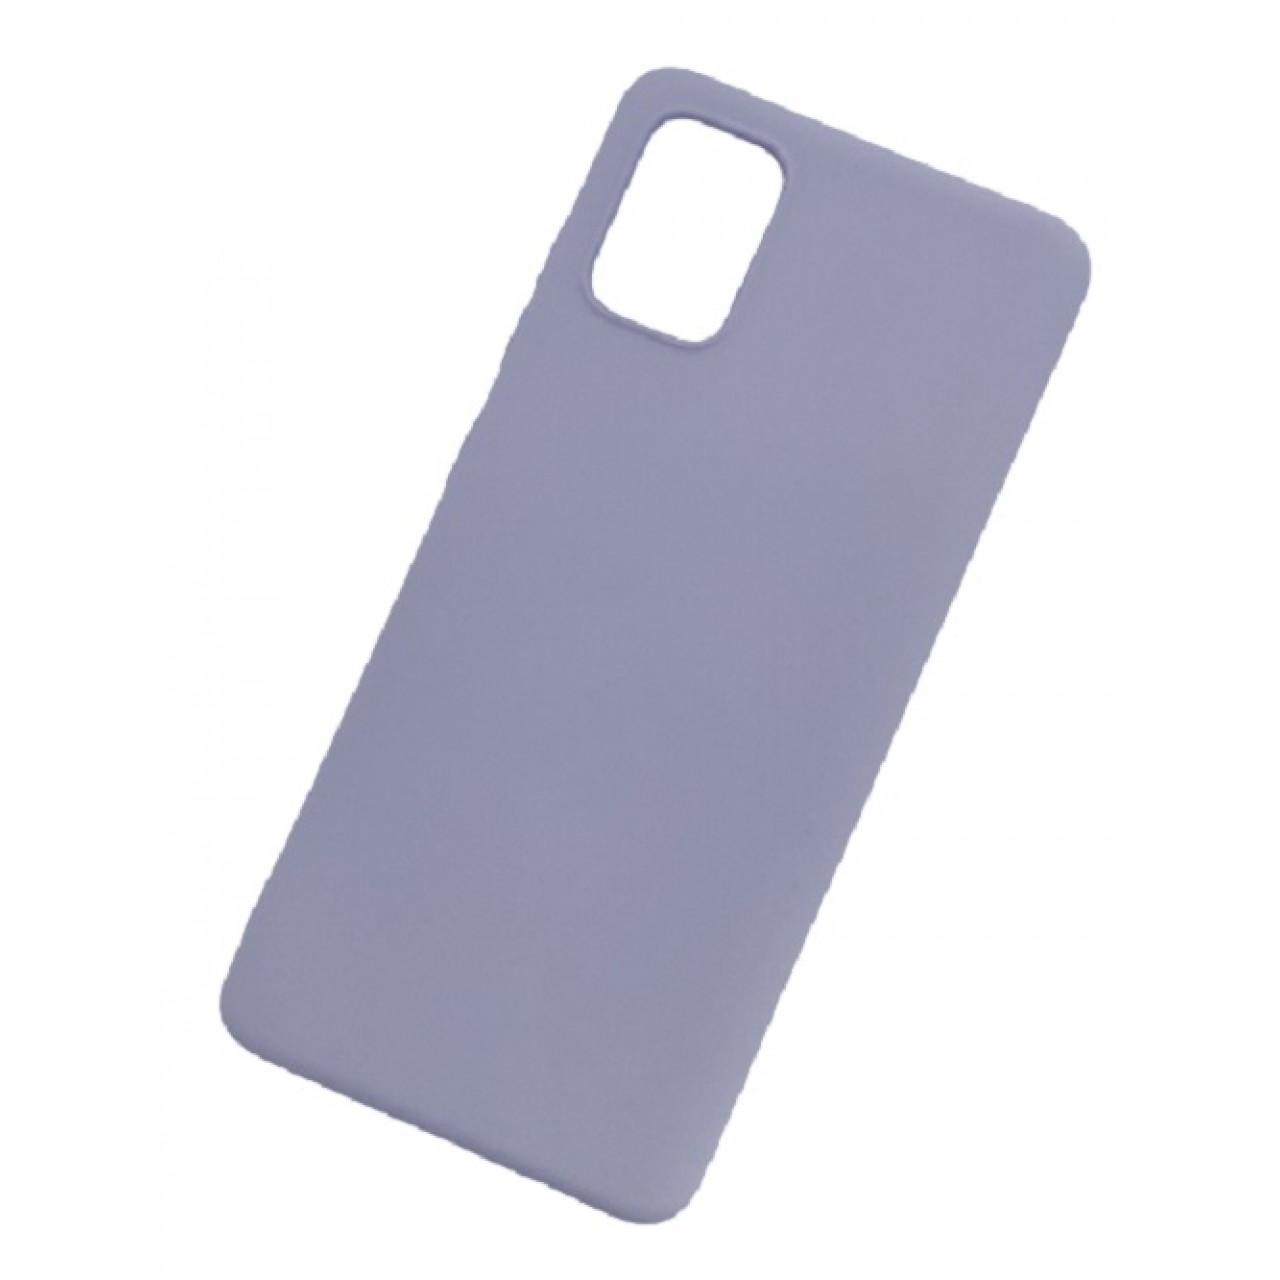 ΘΗΚΗ ΠΡΟΣΤΑΣΙΑΣ ΣΙΛΙΚΟΝΗΣ ΓΙΑ Samsung A71 ΛΕΒΑΝΤΑ - BACK COVER SILICONE CASE LAVENDER - OEM